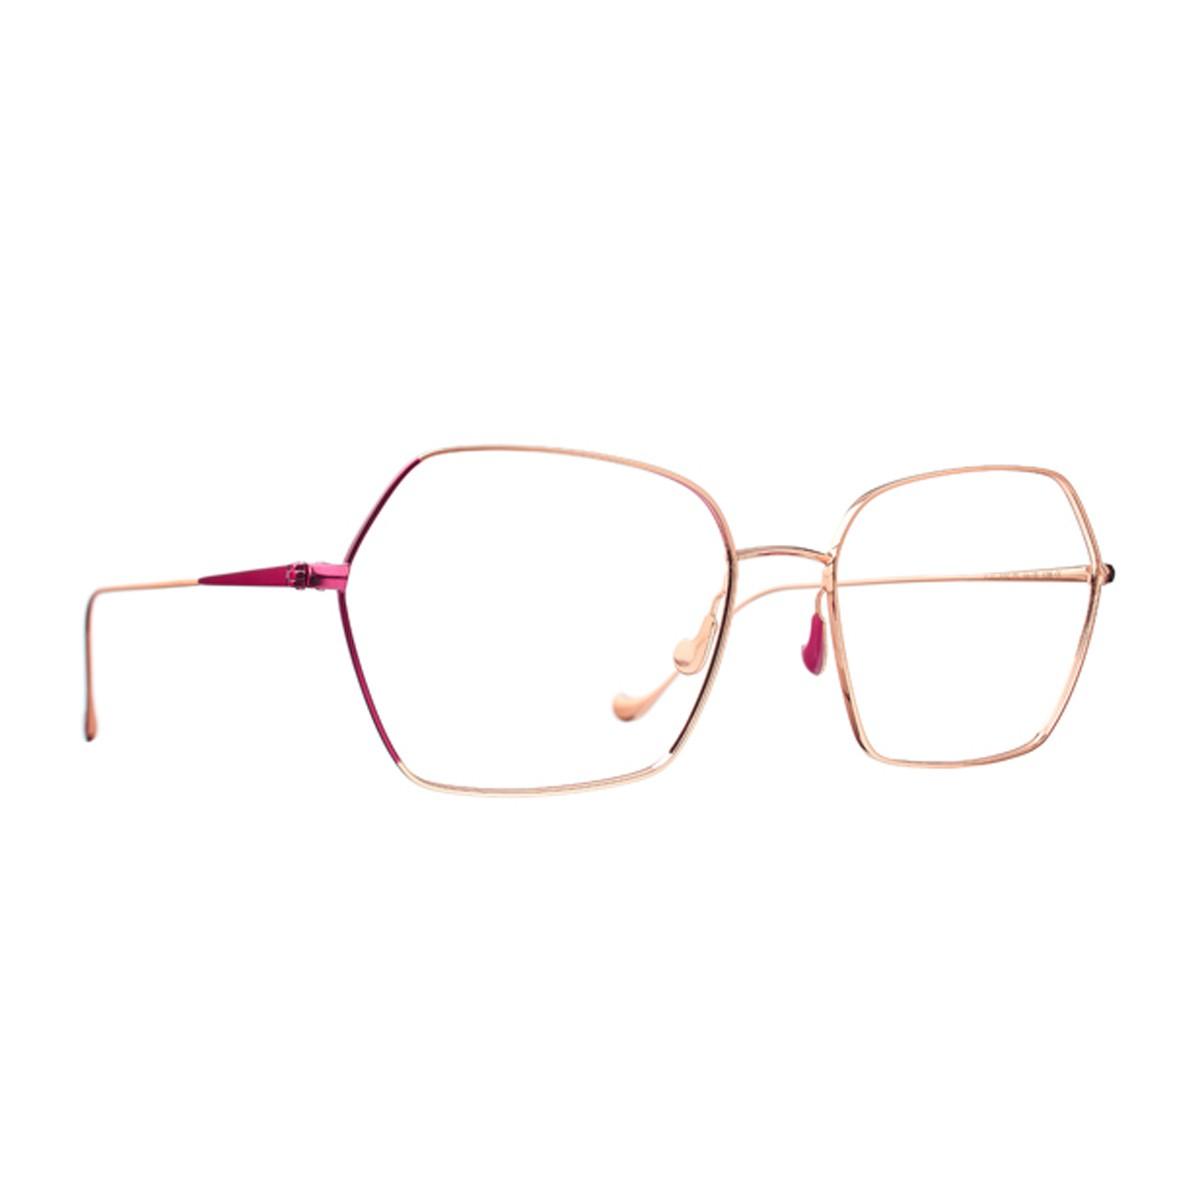 Caroline Abram Volcane | Women's eyeglasses